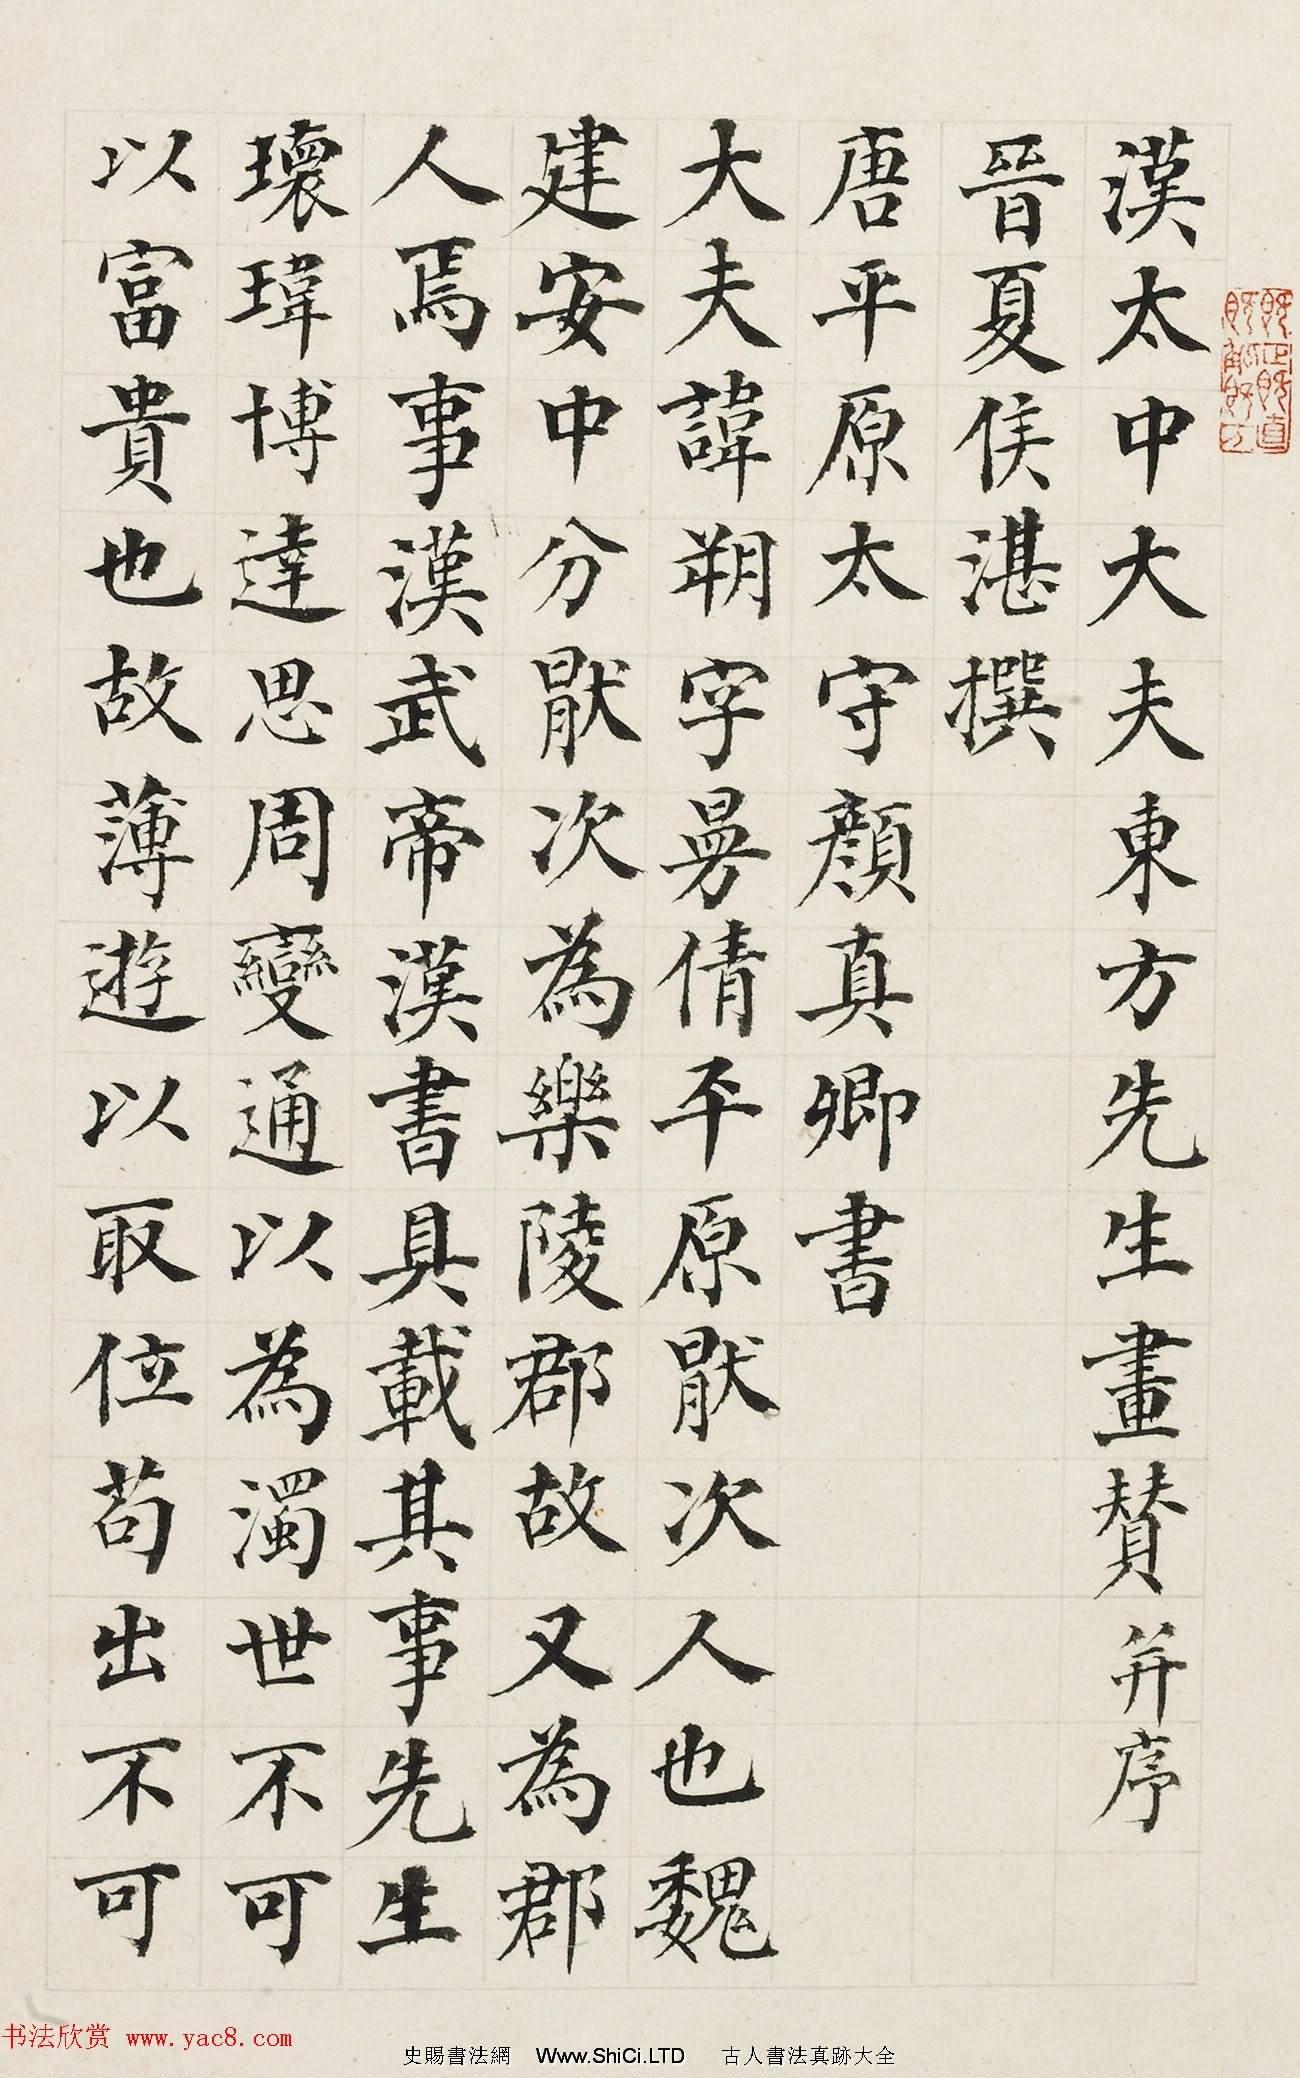 何紹基之父何凌漢書法冊頁字帖《東方朔贊》(共6張圖片)